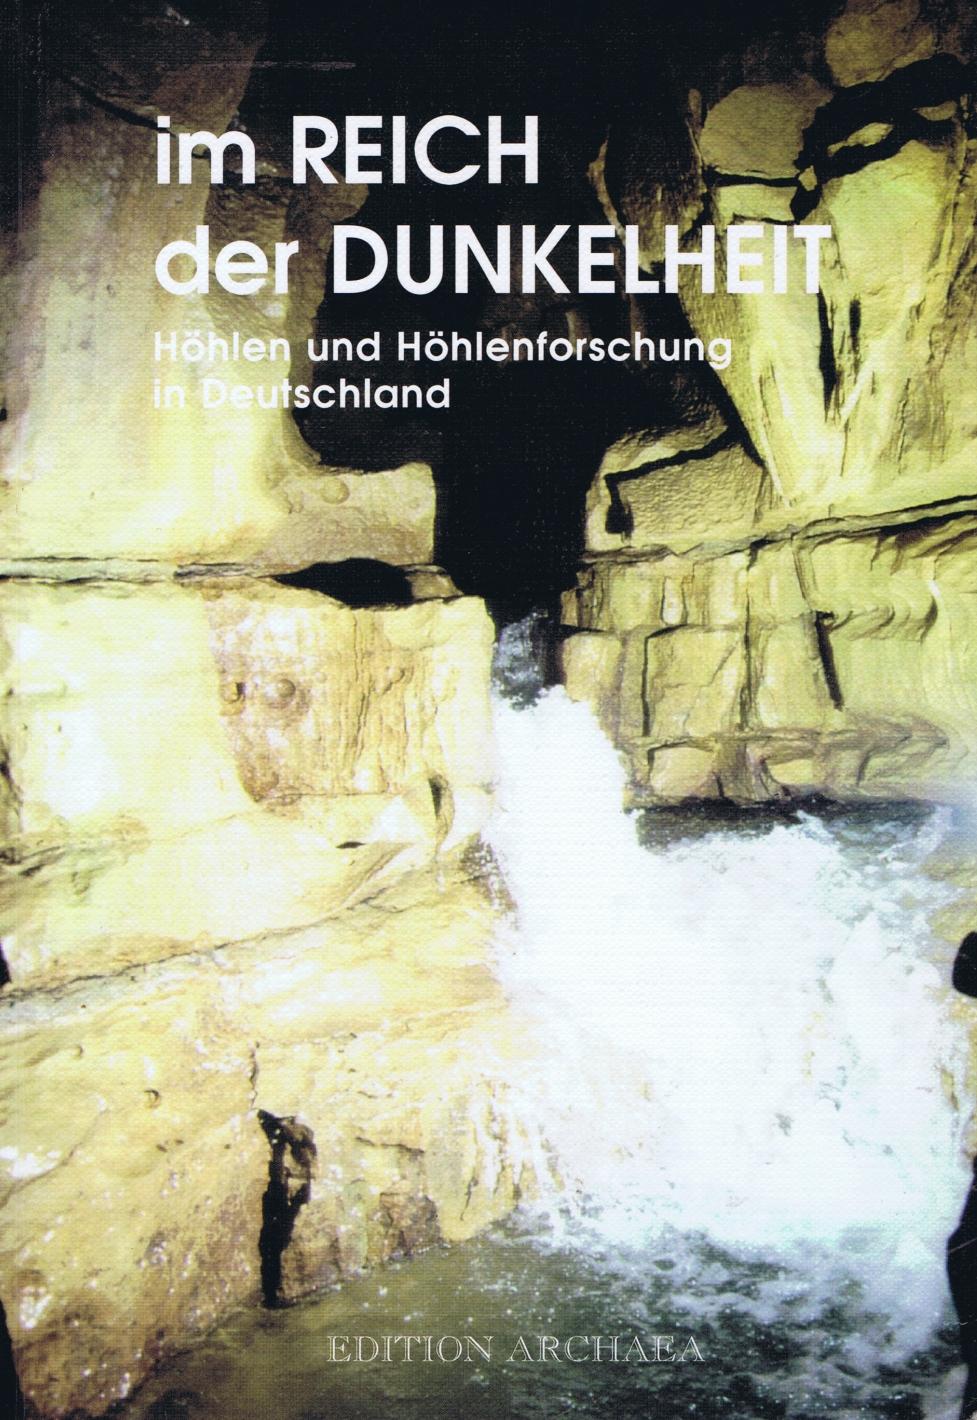 Im-Reich-der-Dunkelheit_Titel_1000